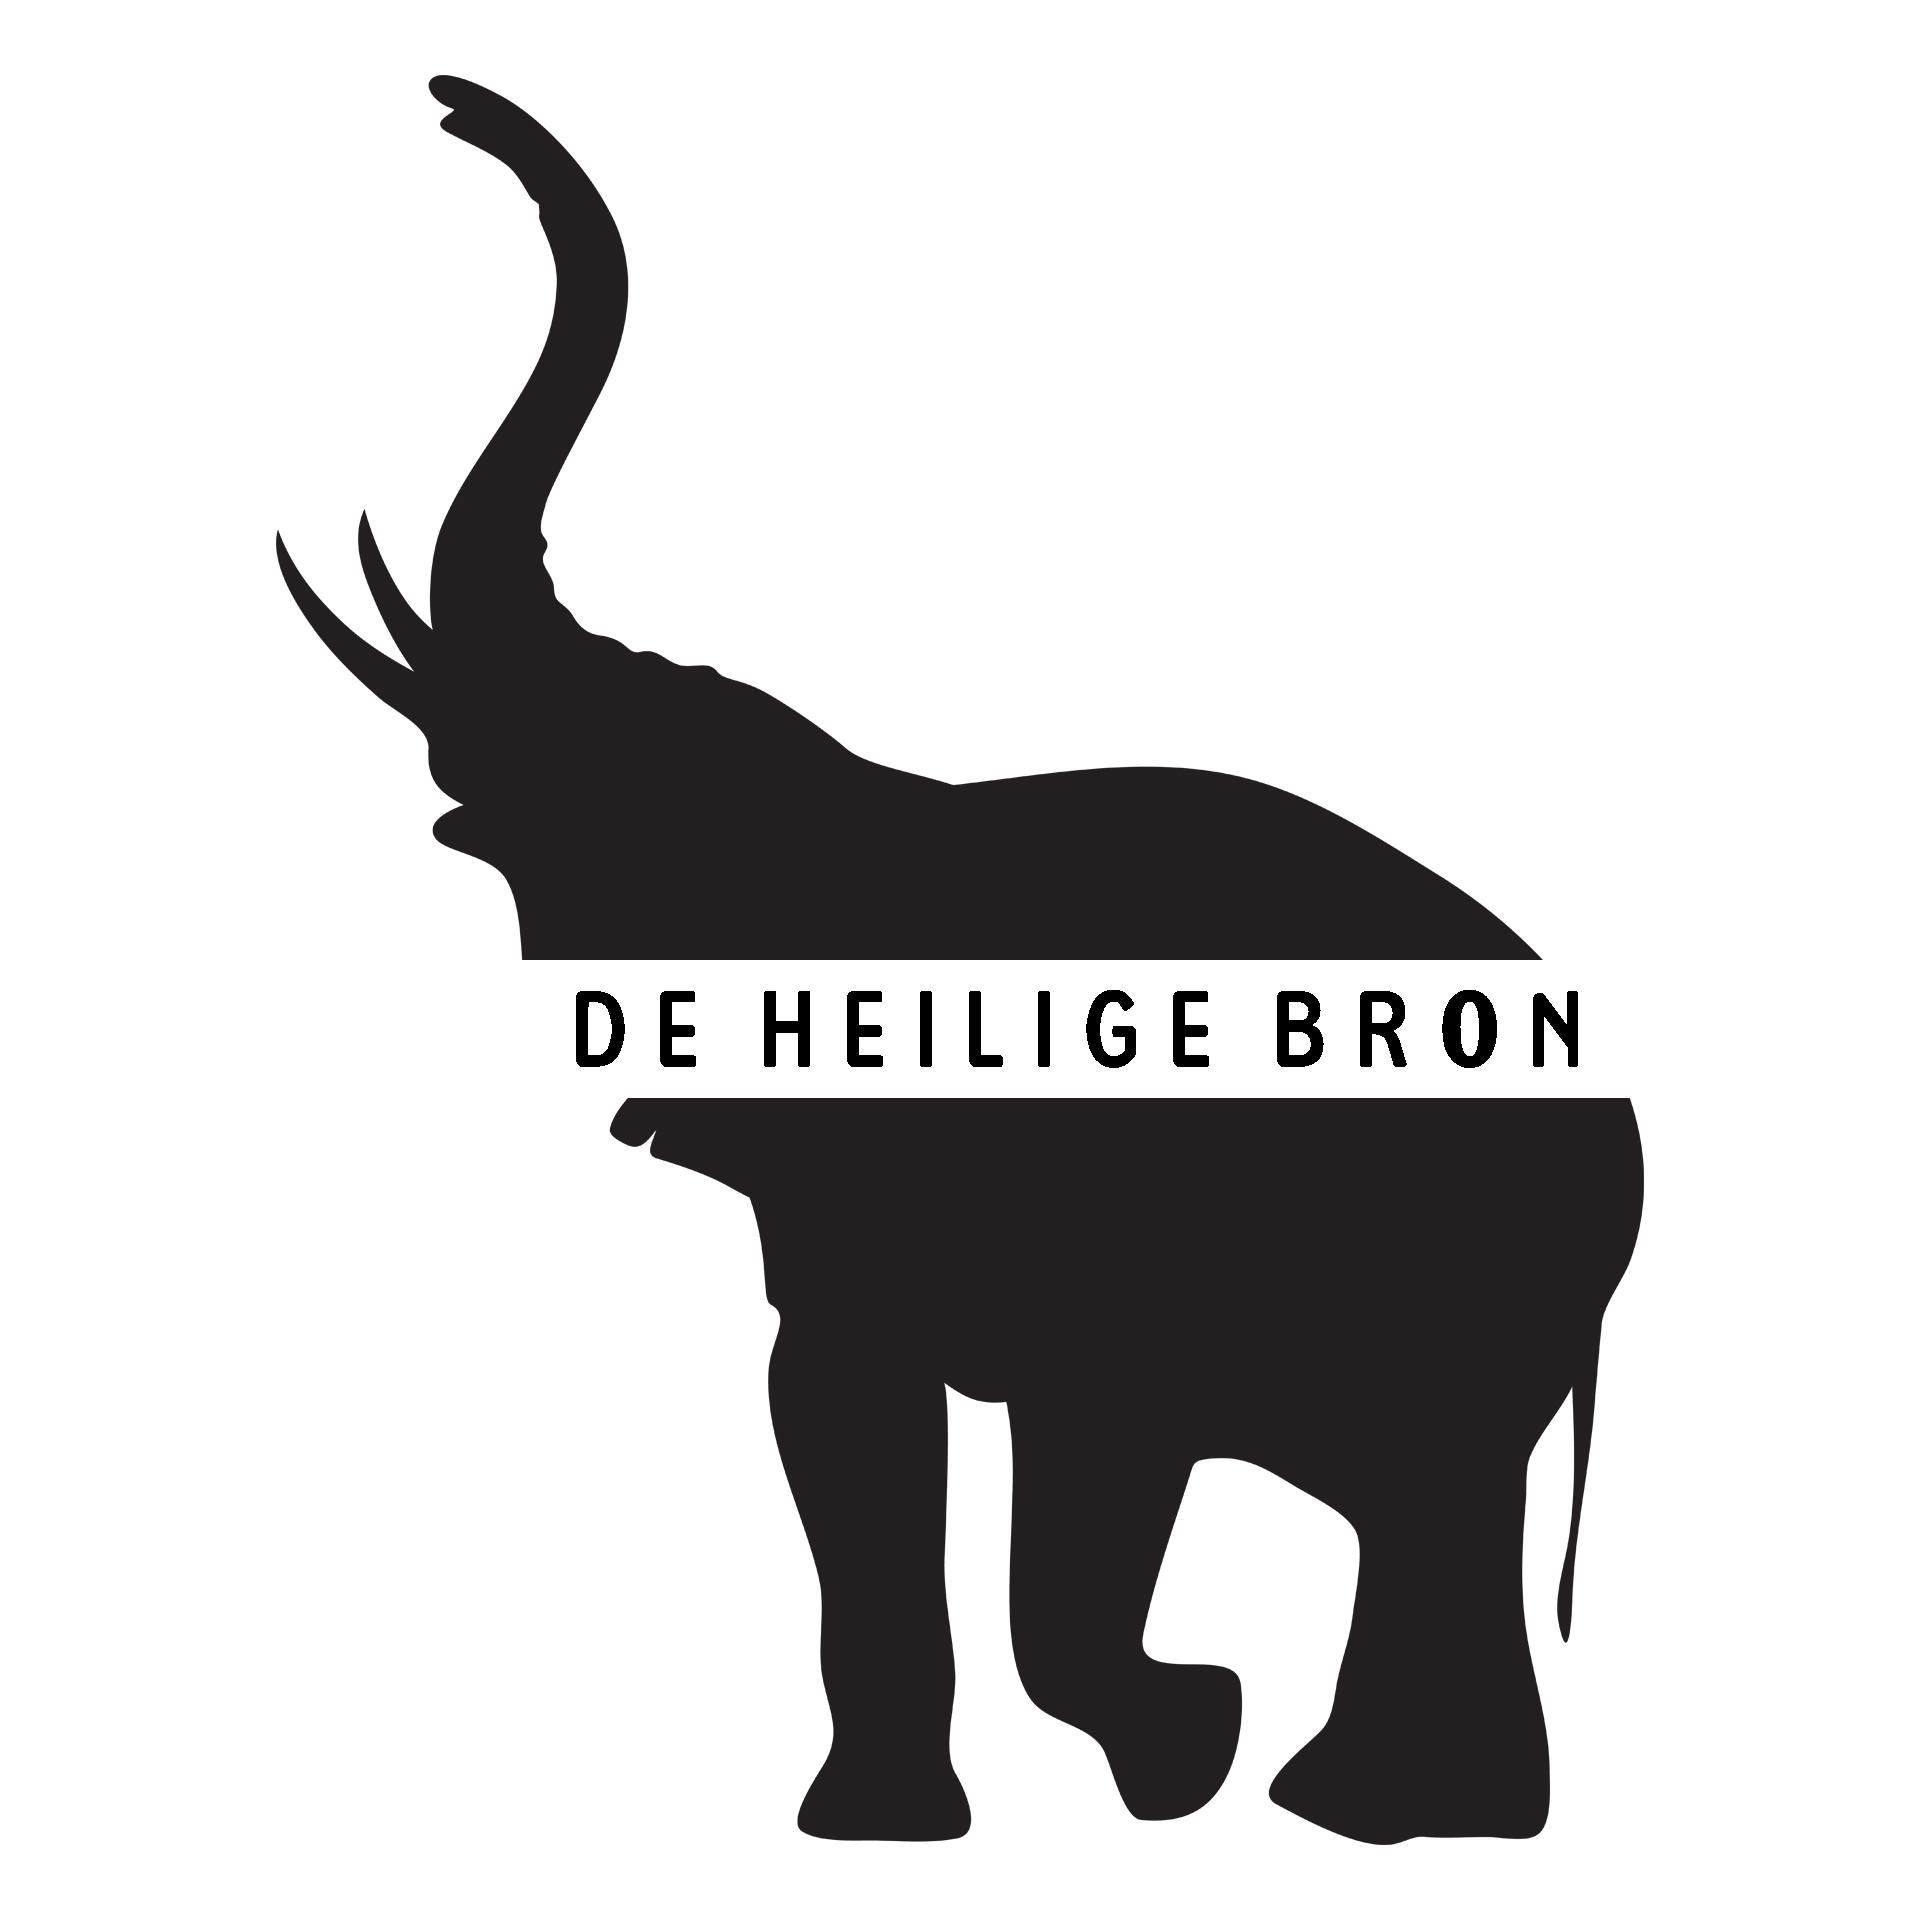 DE HEILIGE BRON